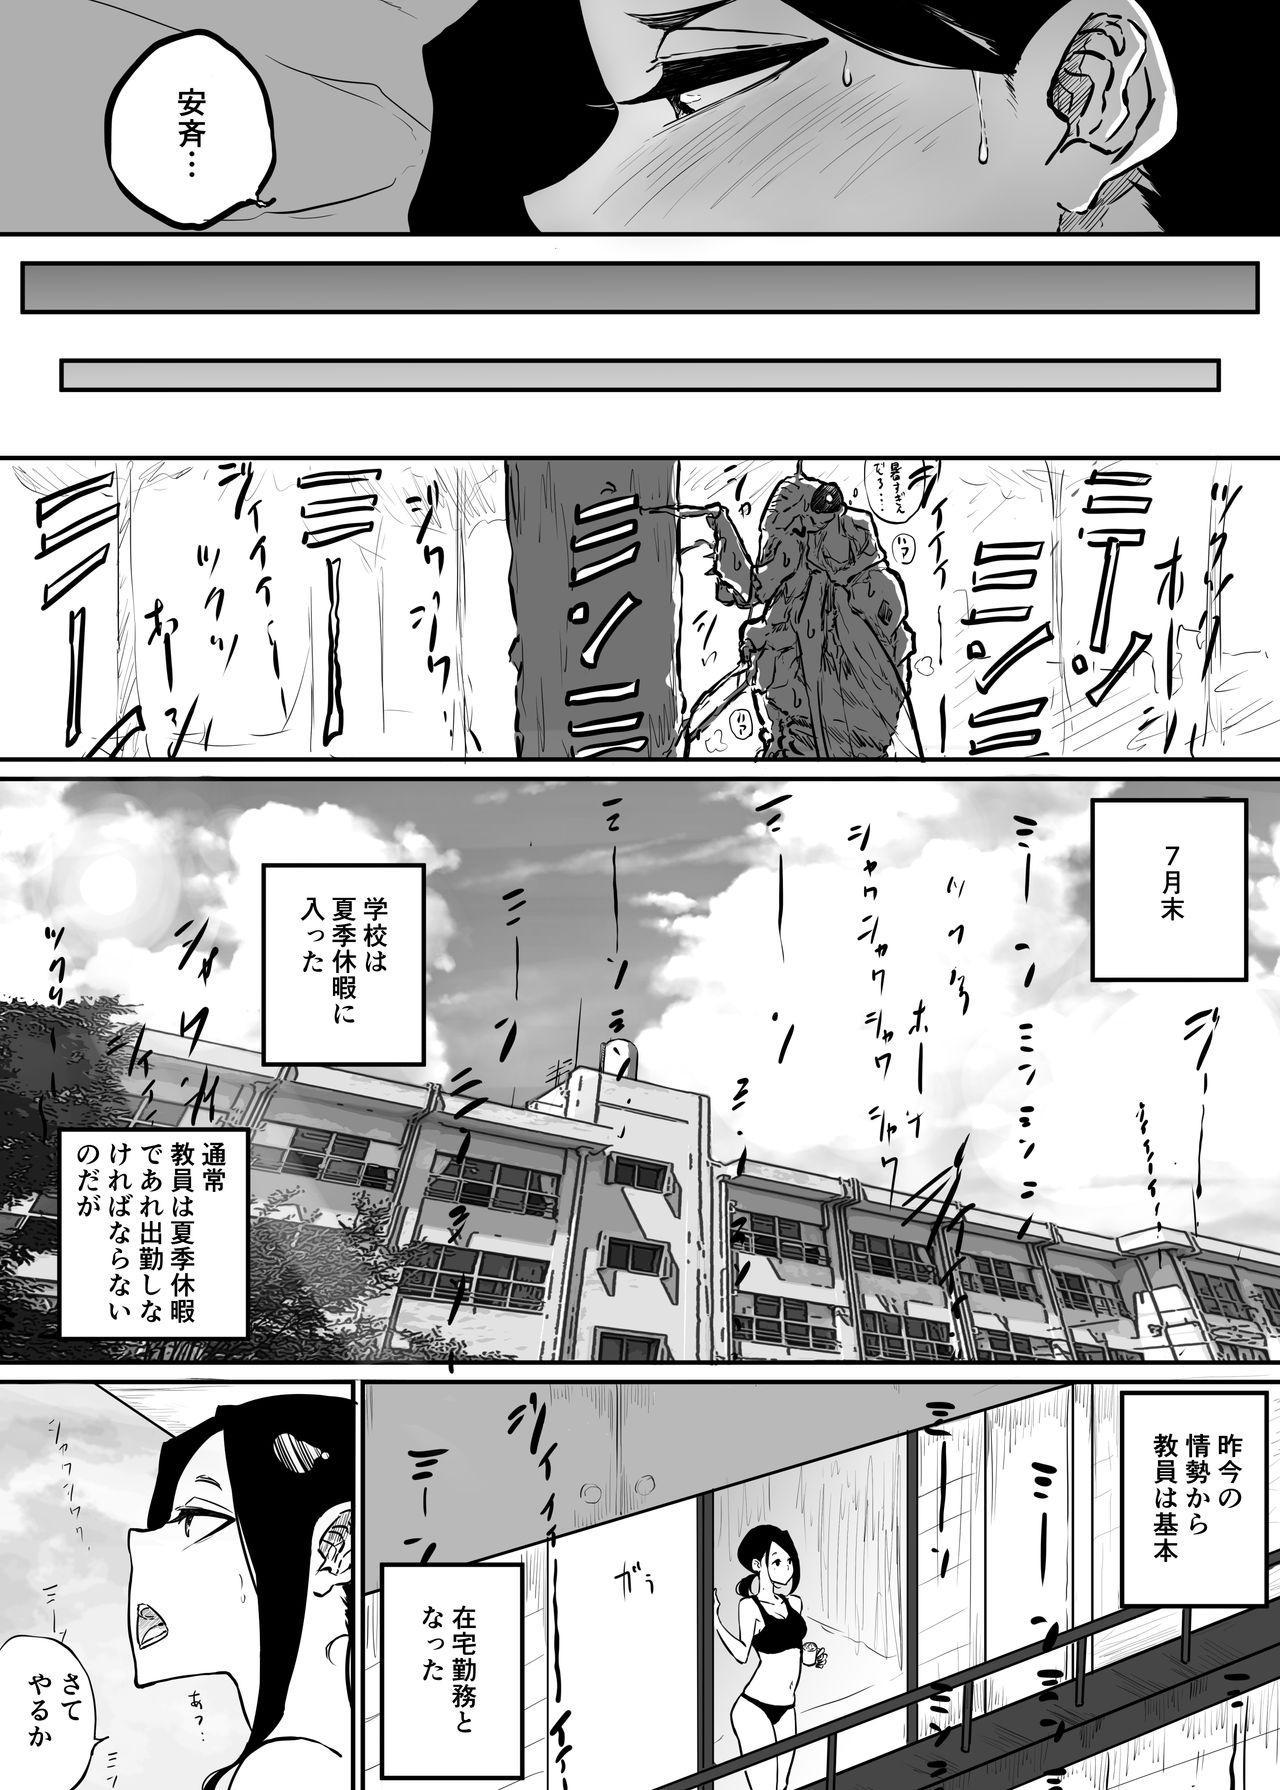 Sparta Sensei ga Oshiego no Bitch Gal ni Ecchi na Koto Sareru Hanashi 2 7